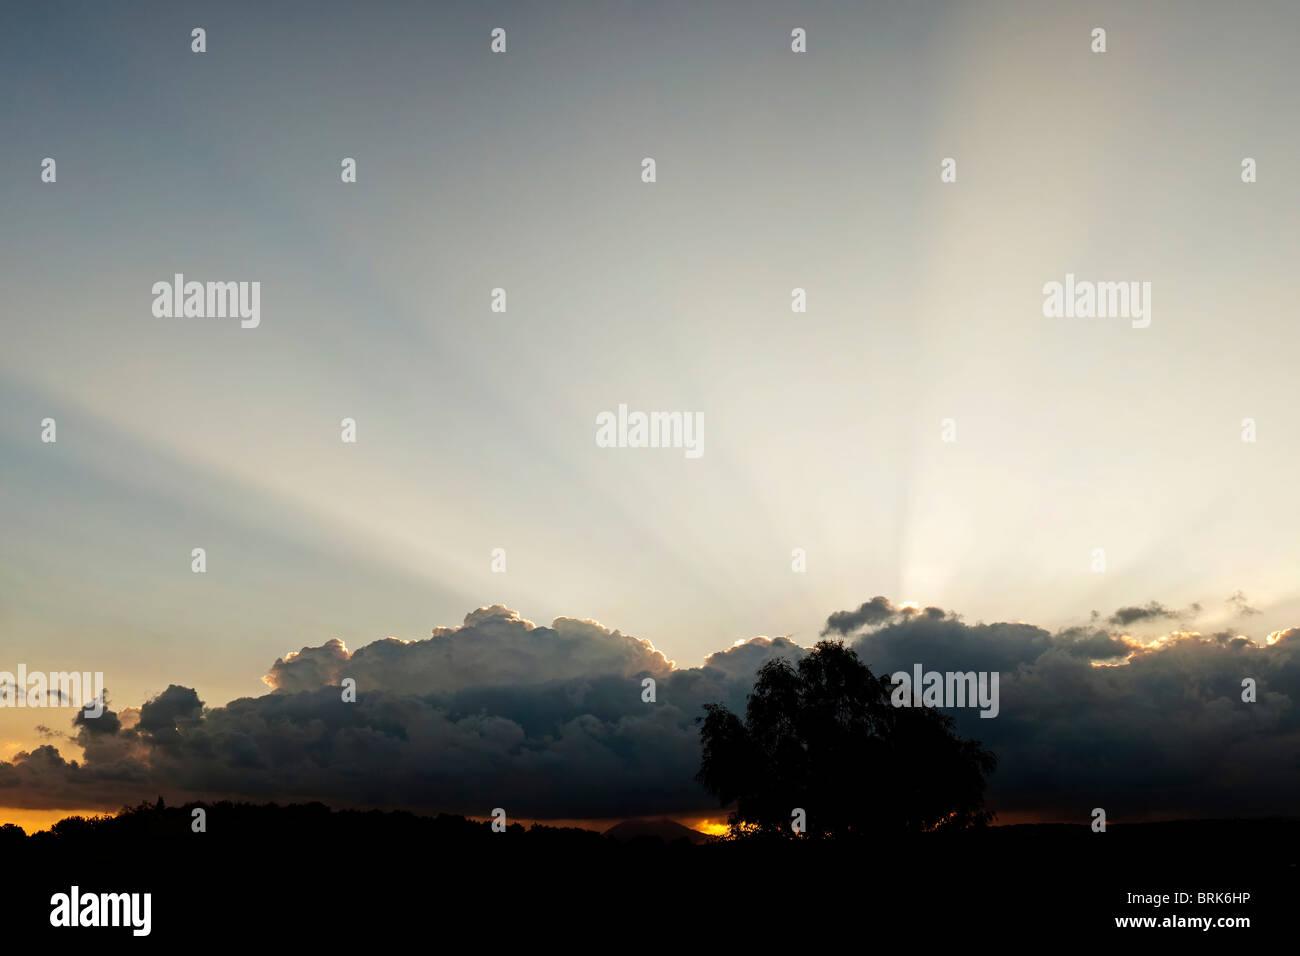 Rayons de soleil crépusculaire spectaculaire Photo Stock